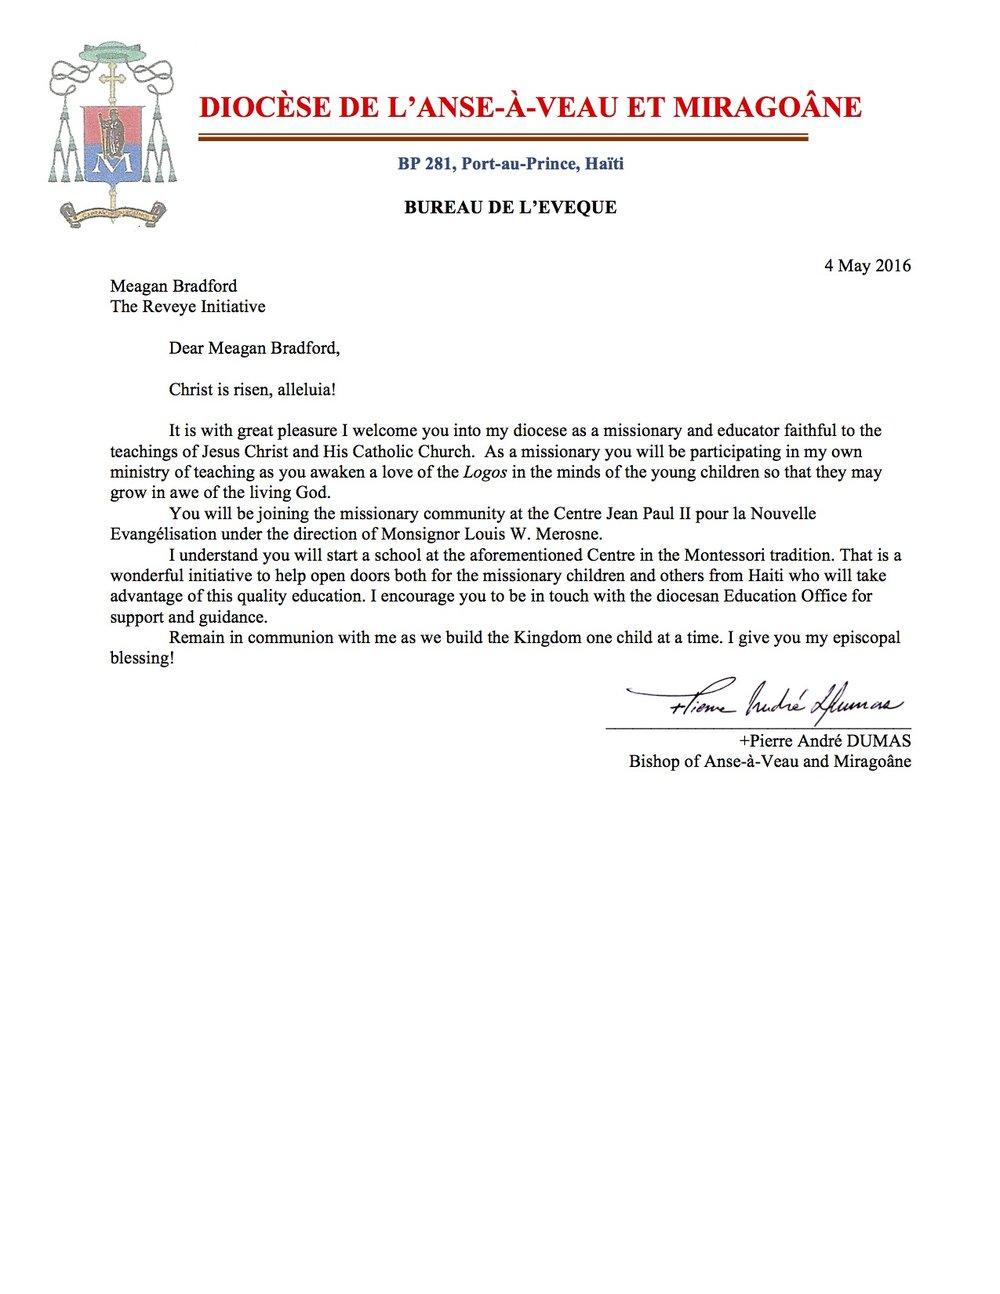 letter to Meagan Reveye Initiative.jpg